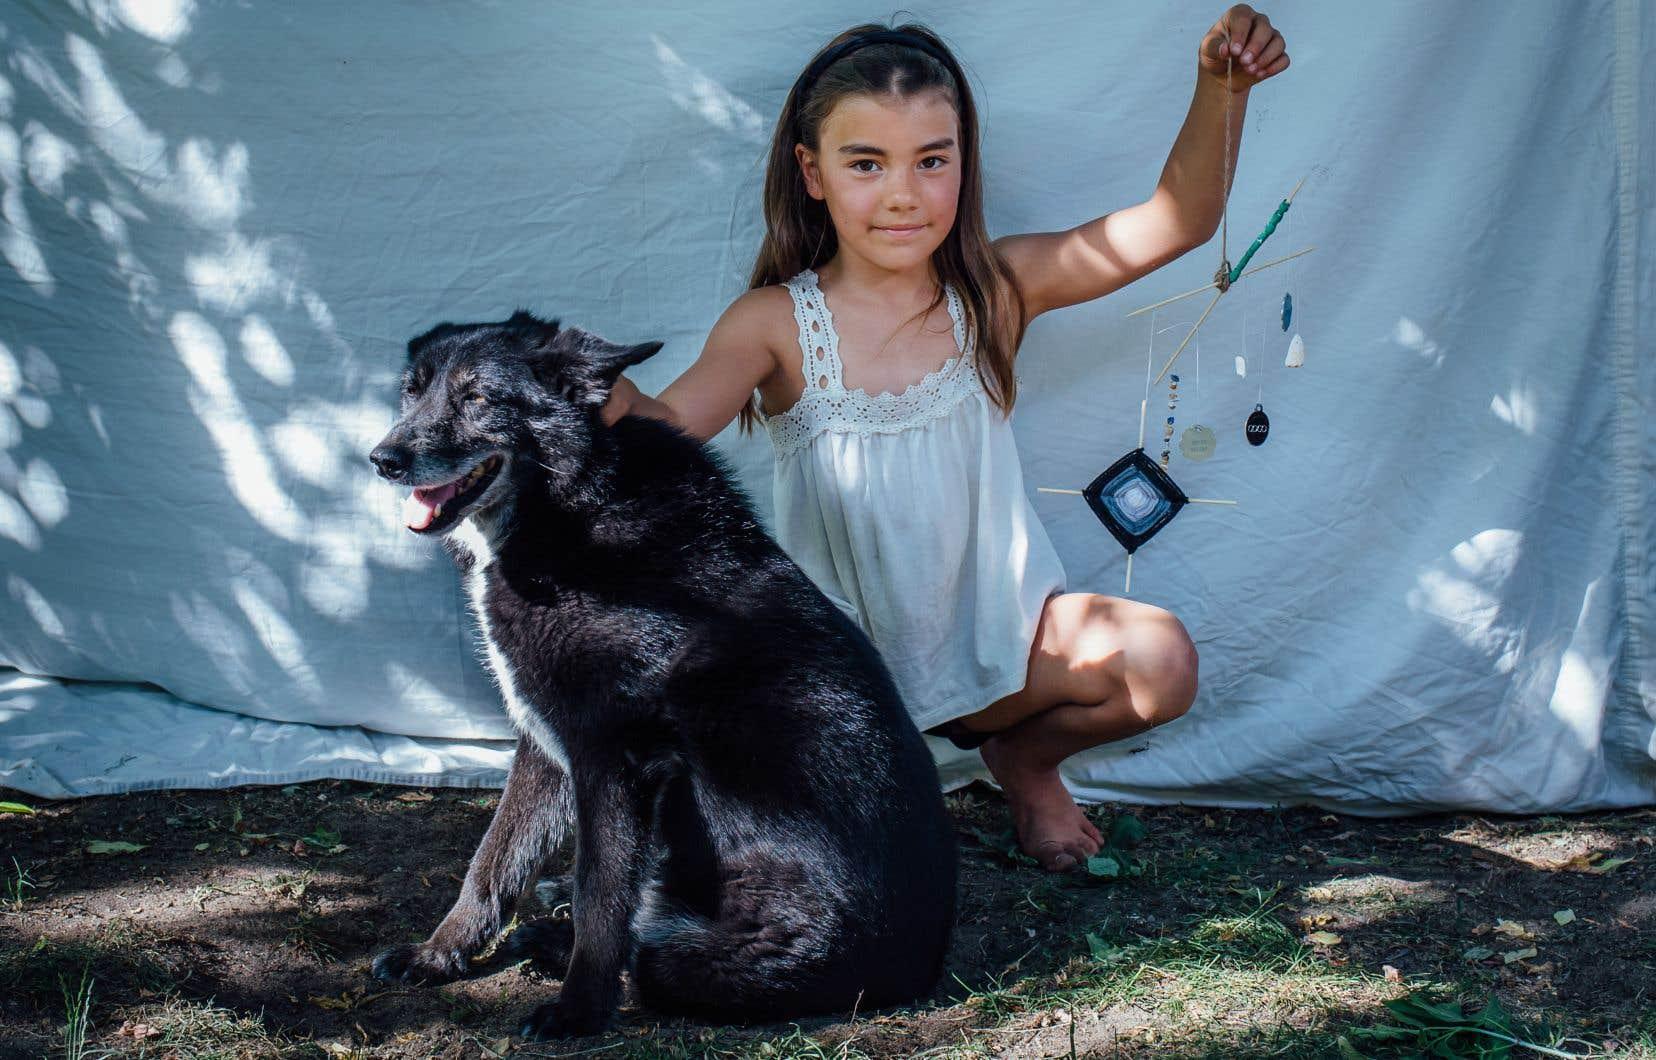 Léonie, 9 ans, a fabriqué un mobile dans le cadre d'un atelier de philocréation avec des objets oubliés, notamment des médailles qui lui rappellent sa chienne, Gogo.